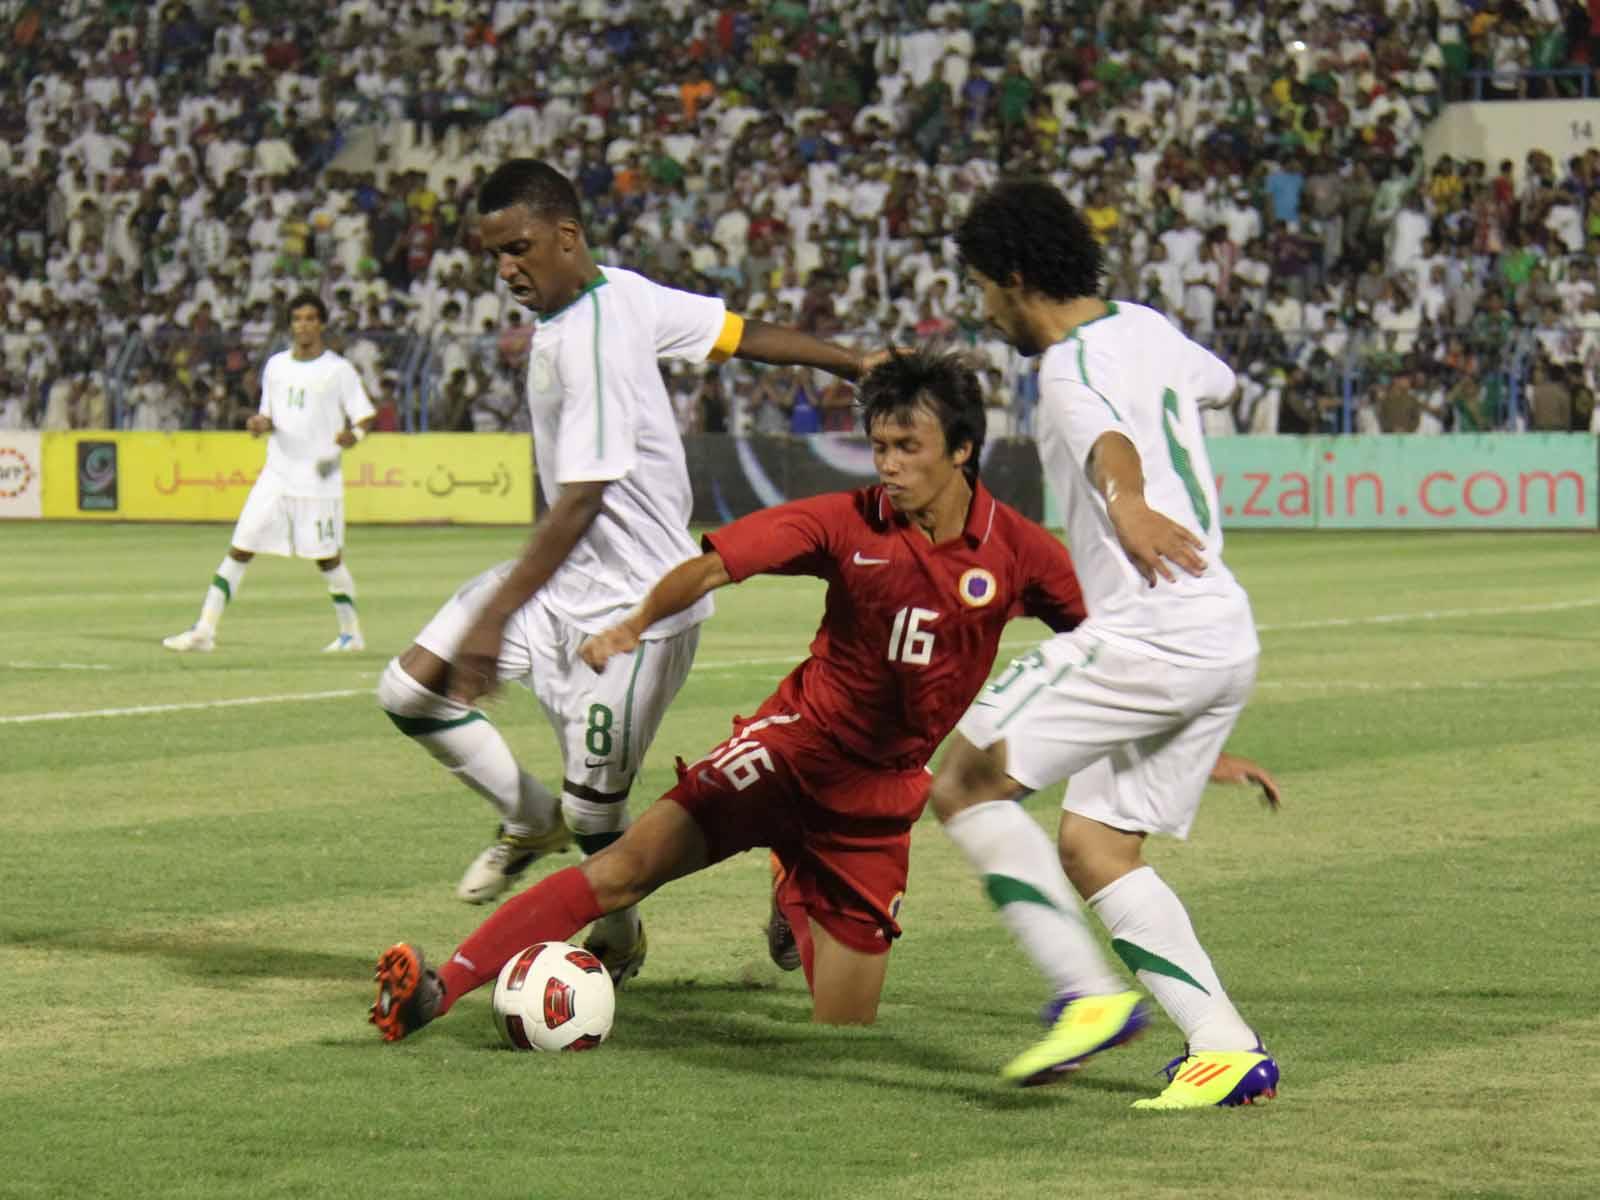 Chùm ảnh: Zob Ahan team (11)